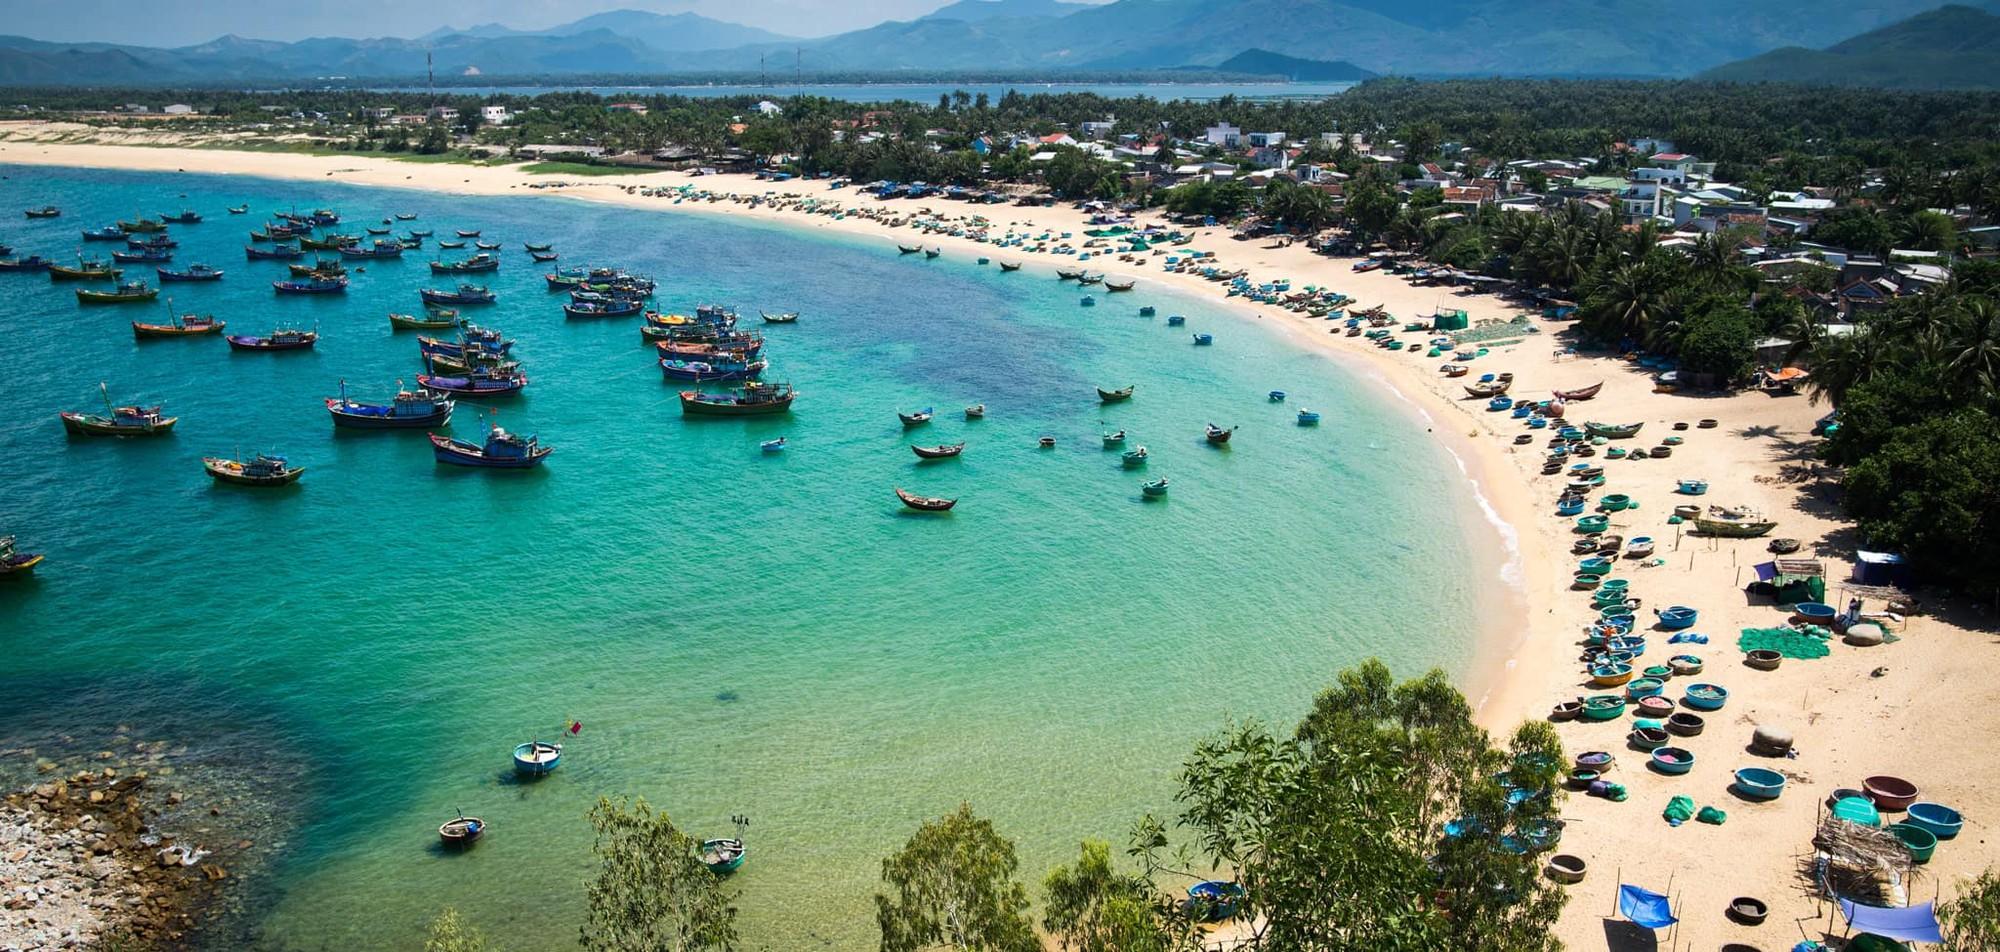 """Khám phá vẻ đẹp của quần thể vừa được WTA vinh danh """"Khu nghỉ dưỡng biển hàng đầu Việt Nam"""" - Ảnh 1."""